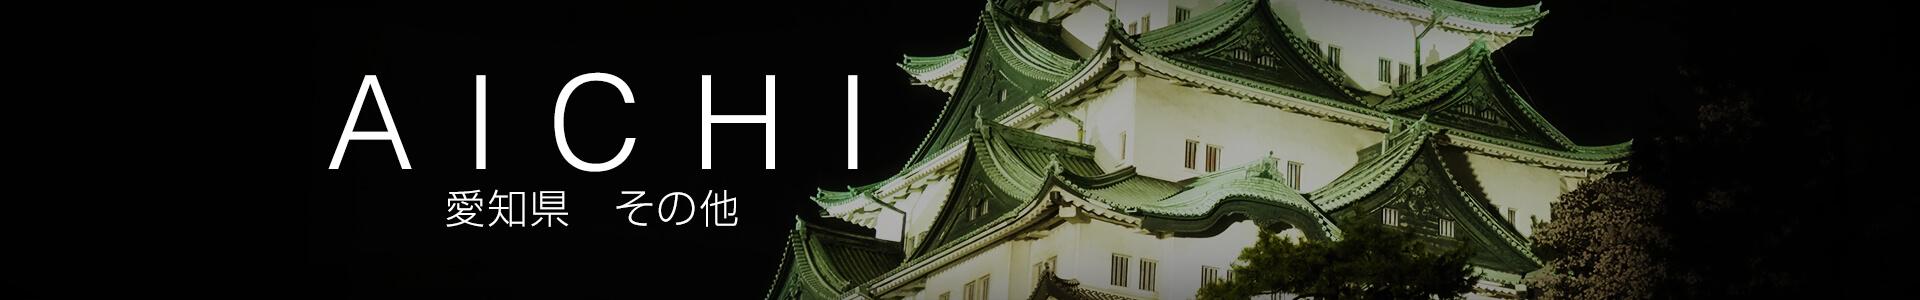 愛知県その他